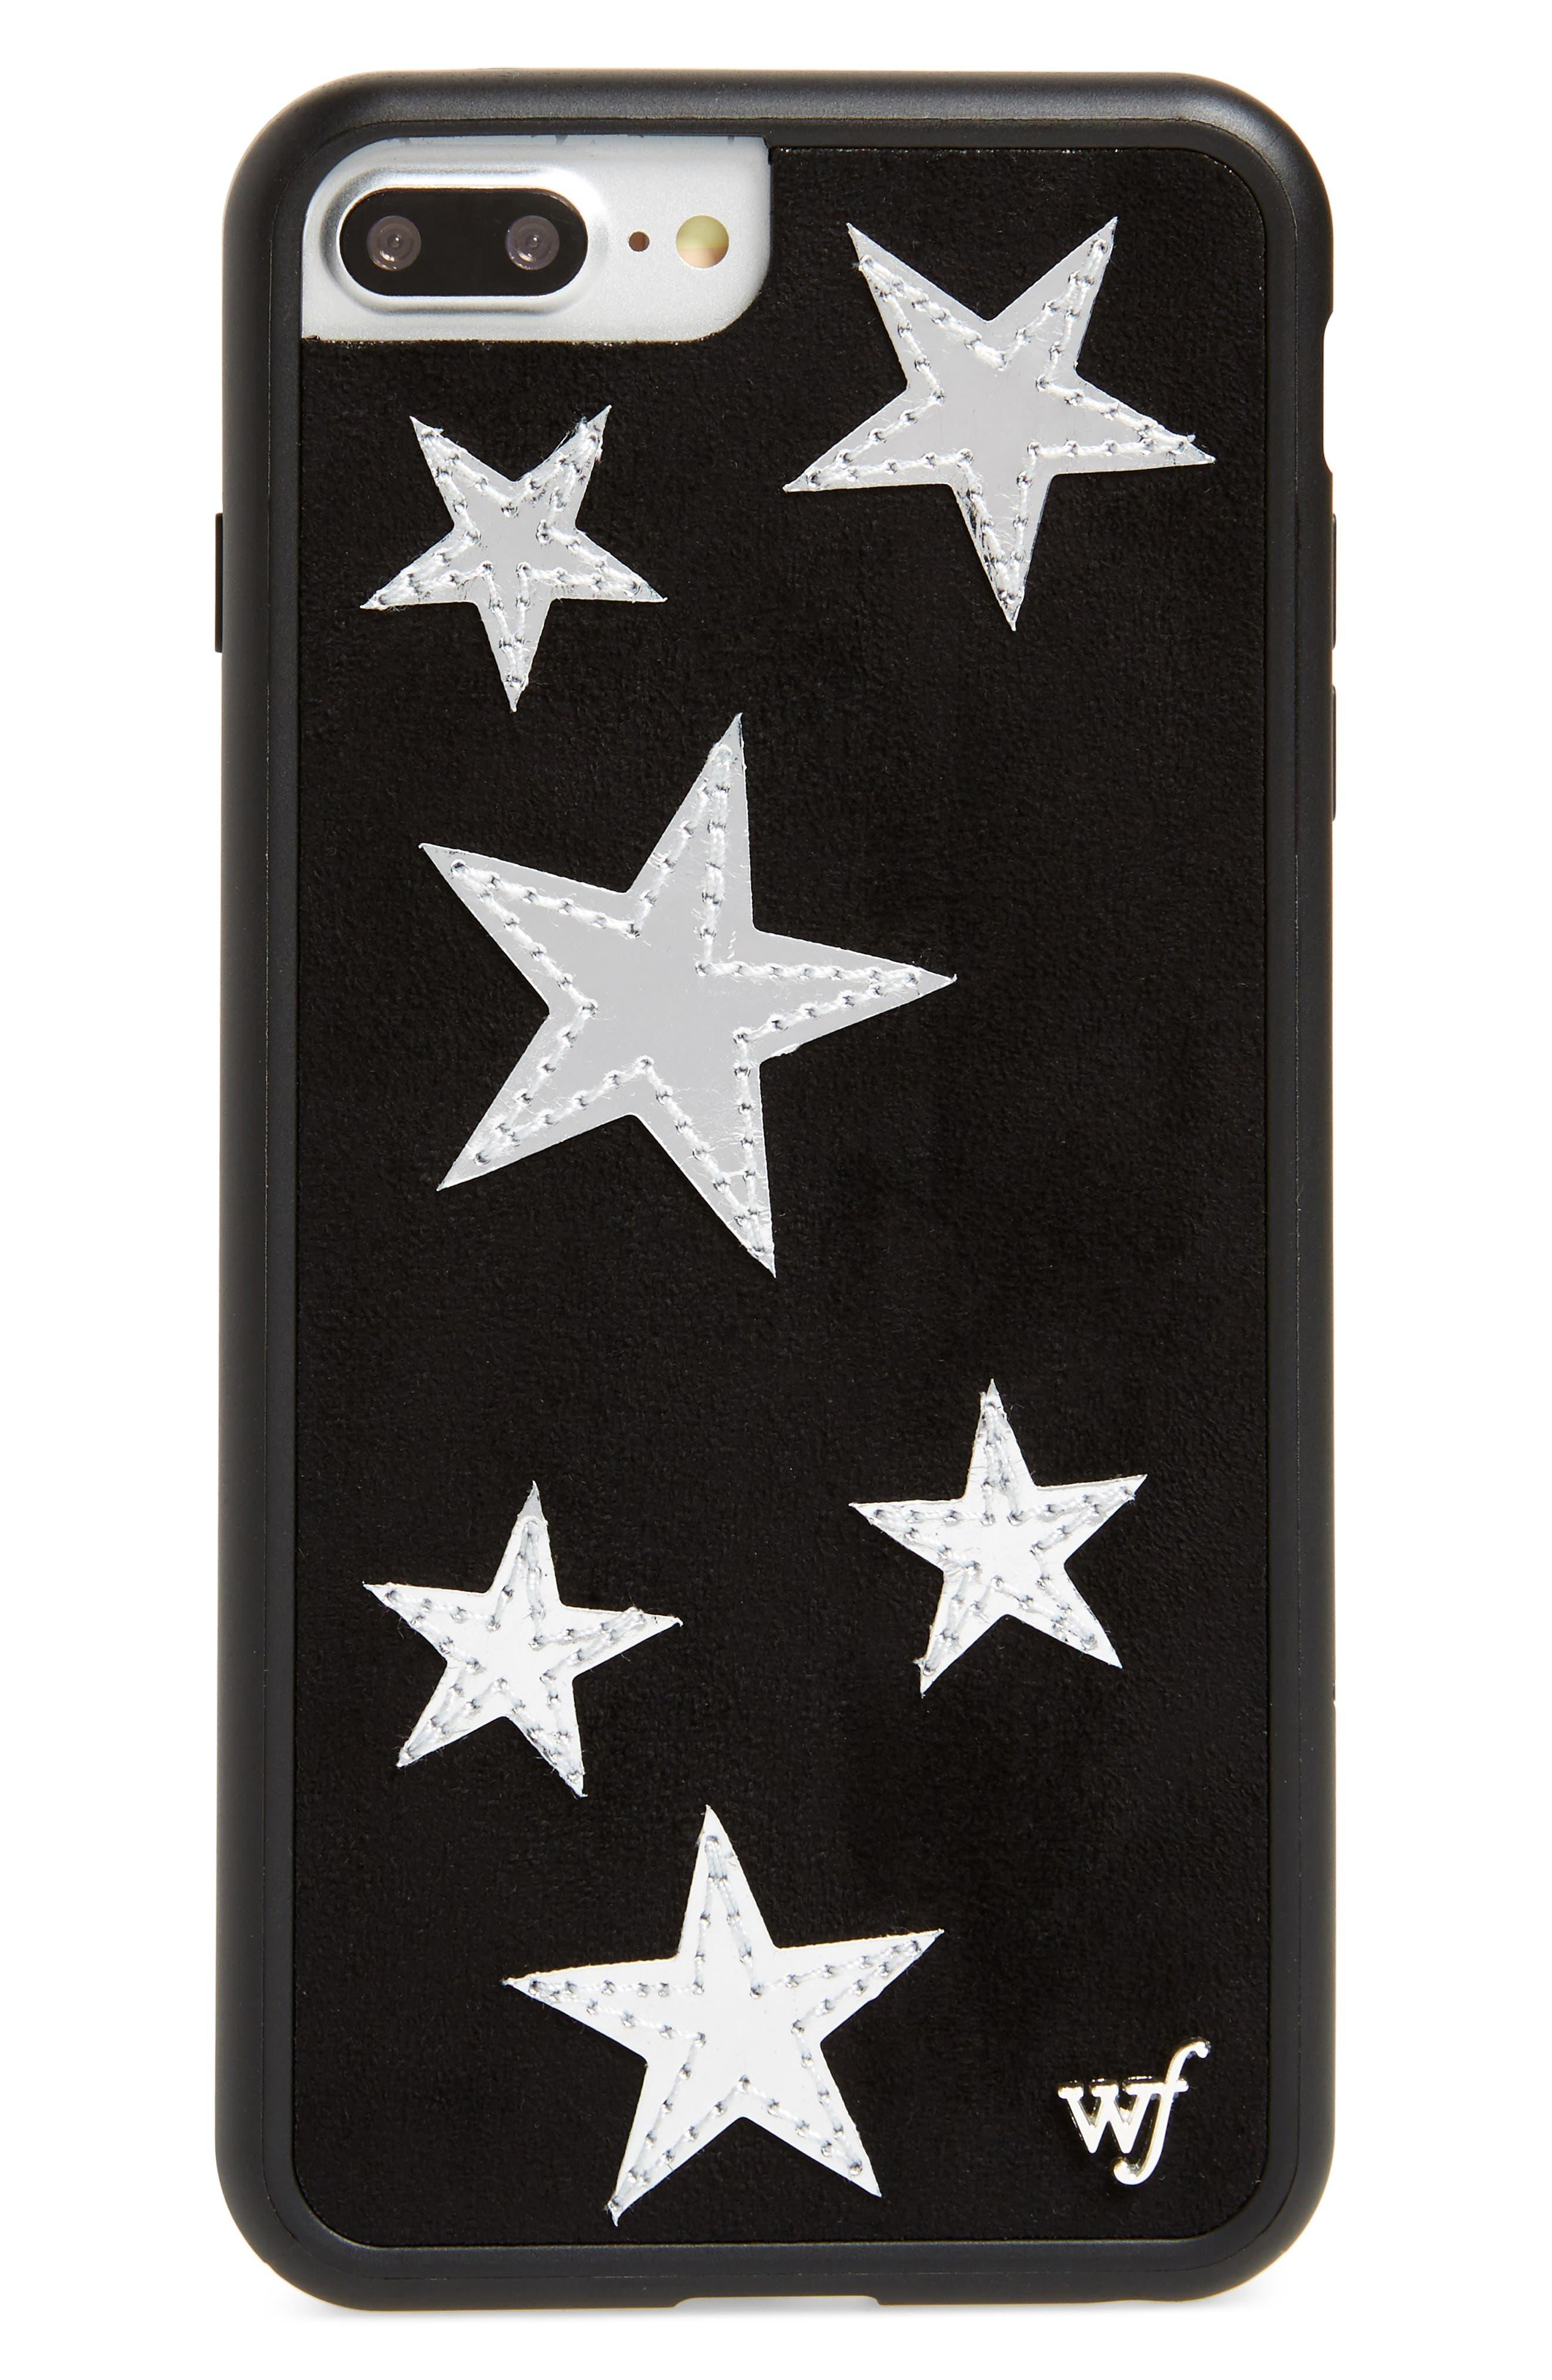 Velvet Stars iPhone 6/7/8 Plus Phone Case,                             Main thumbnail 1, color,                             Black Multi